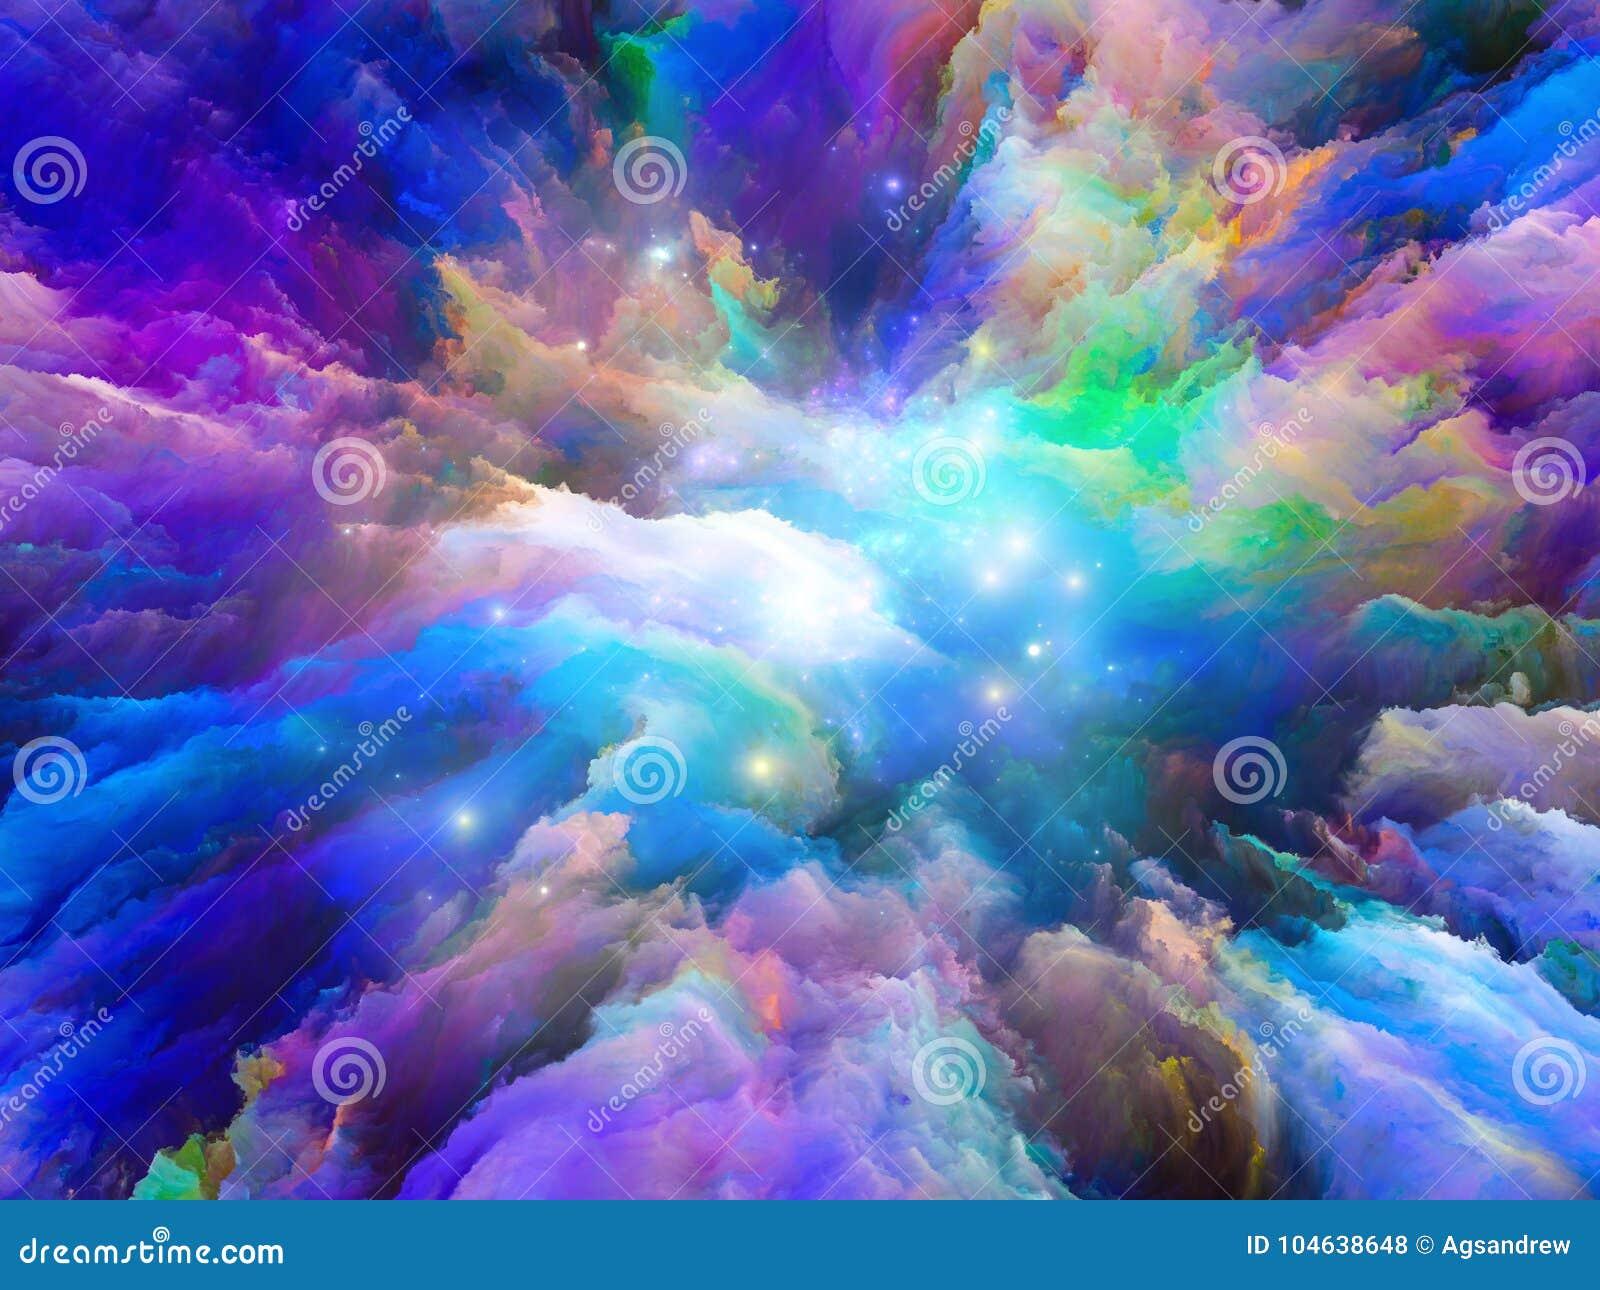 Download Het Noorden Van Surreal Verf Stock Illustratie - Illustratie bestaande uit splatter, creativiteit: 104638648